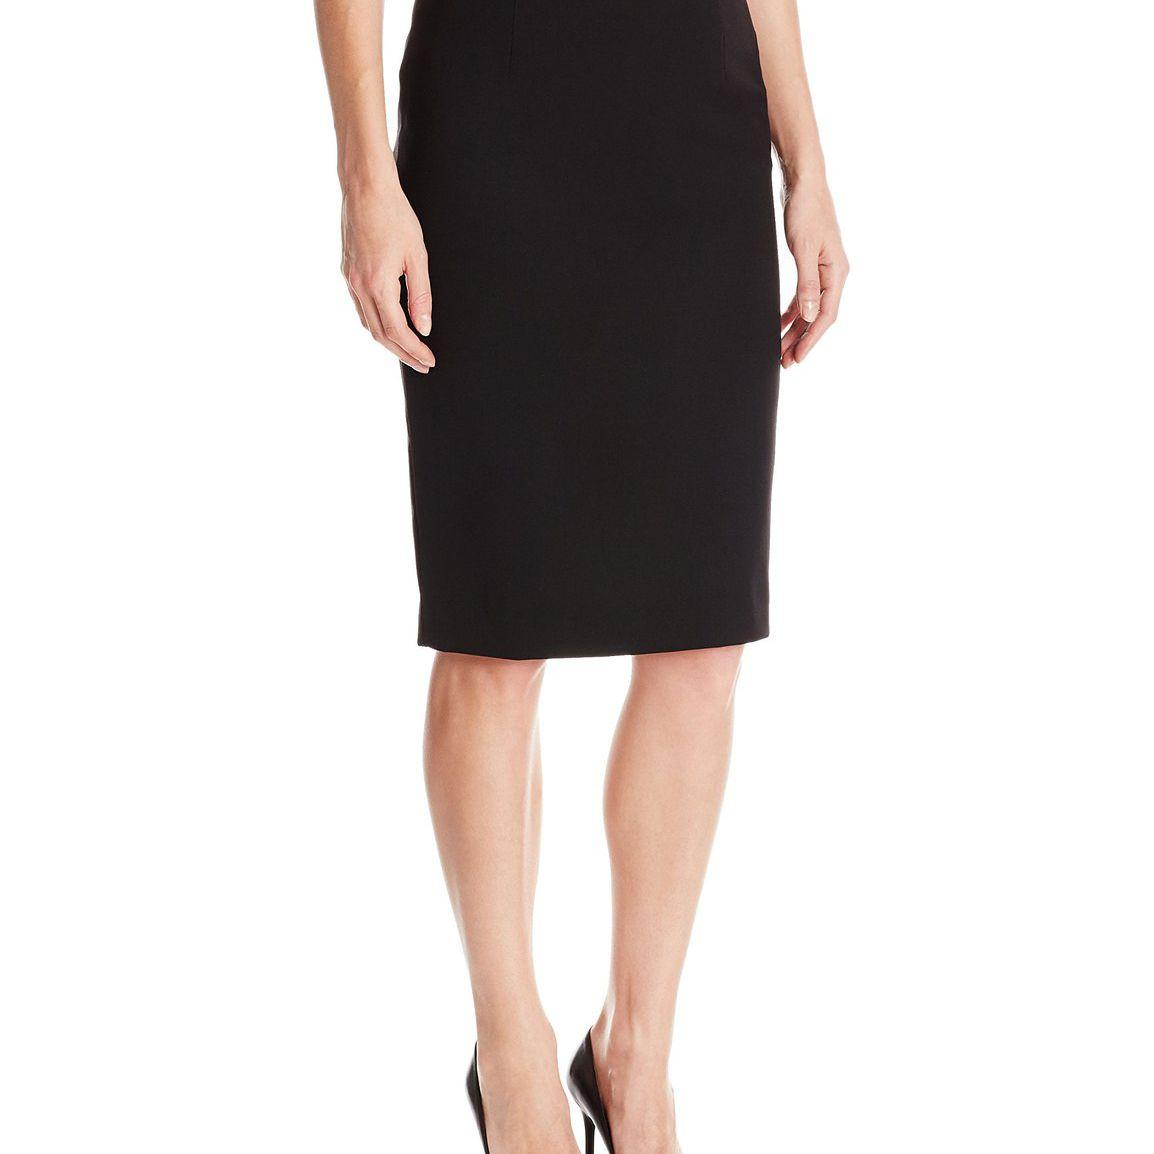 474c525d Ellen Tracy Women's Petite High Waist Pencil Skirt